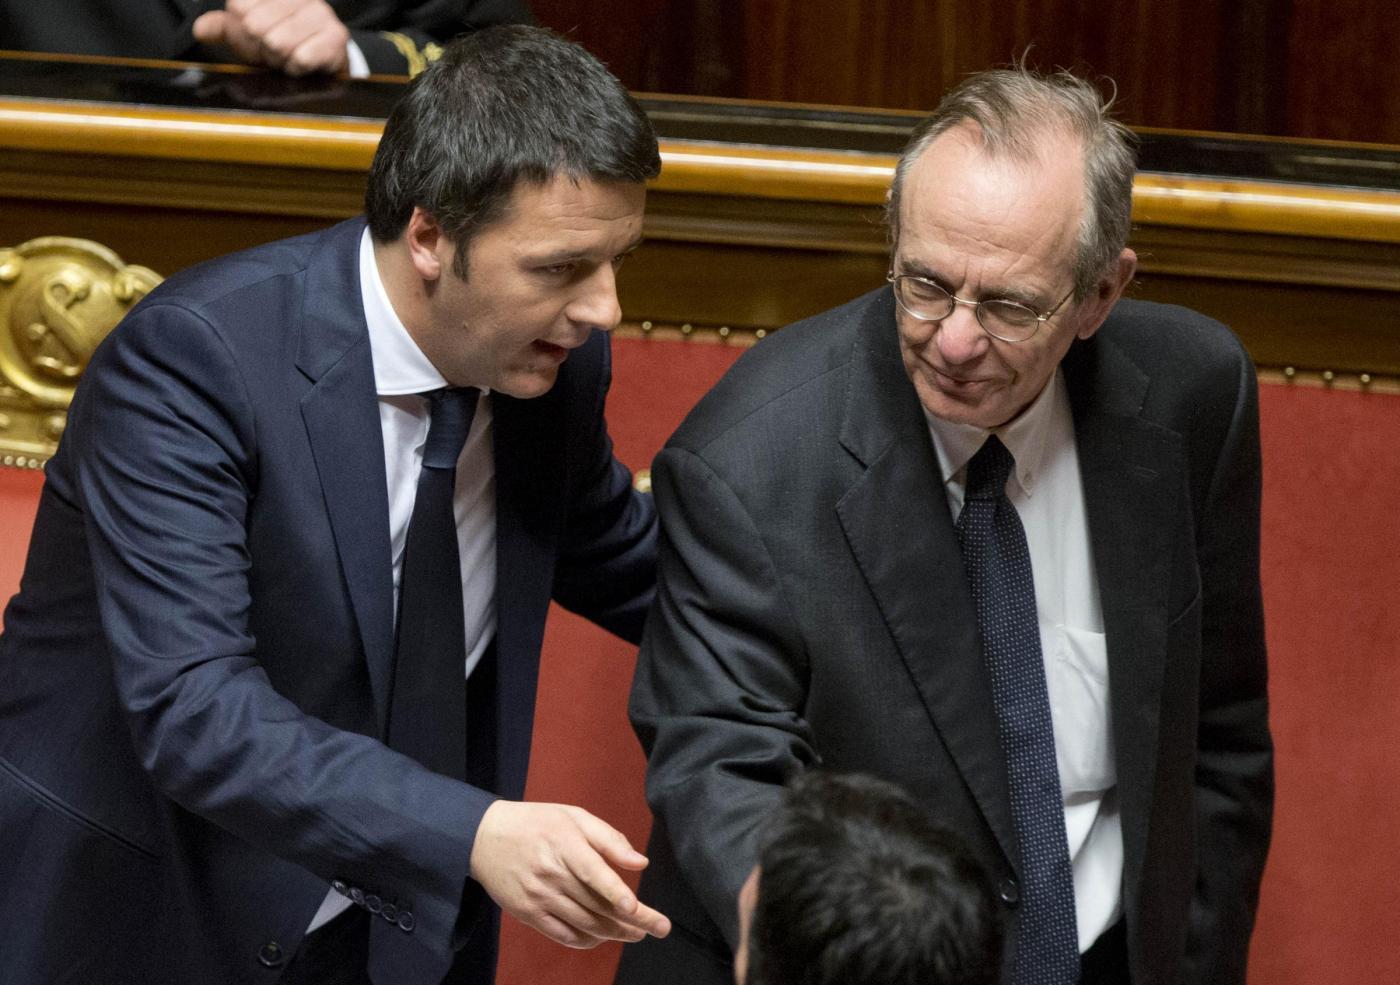 Privatizzazioni Renzi: Eni, Enav, Fincantieri... piano dal 2014 al 2017